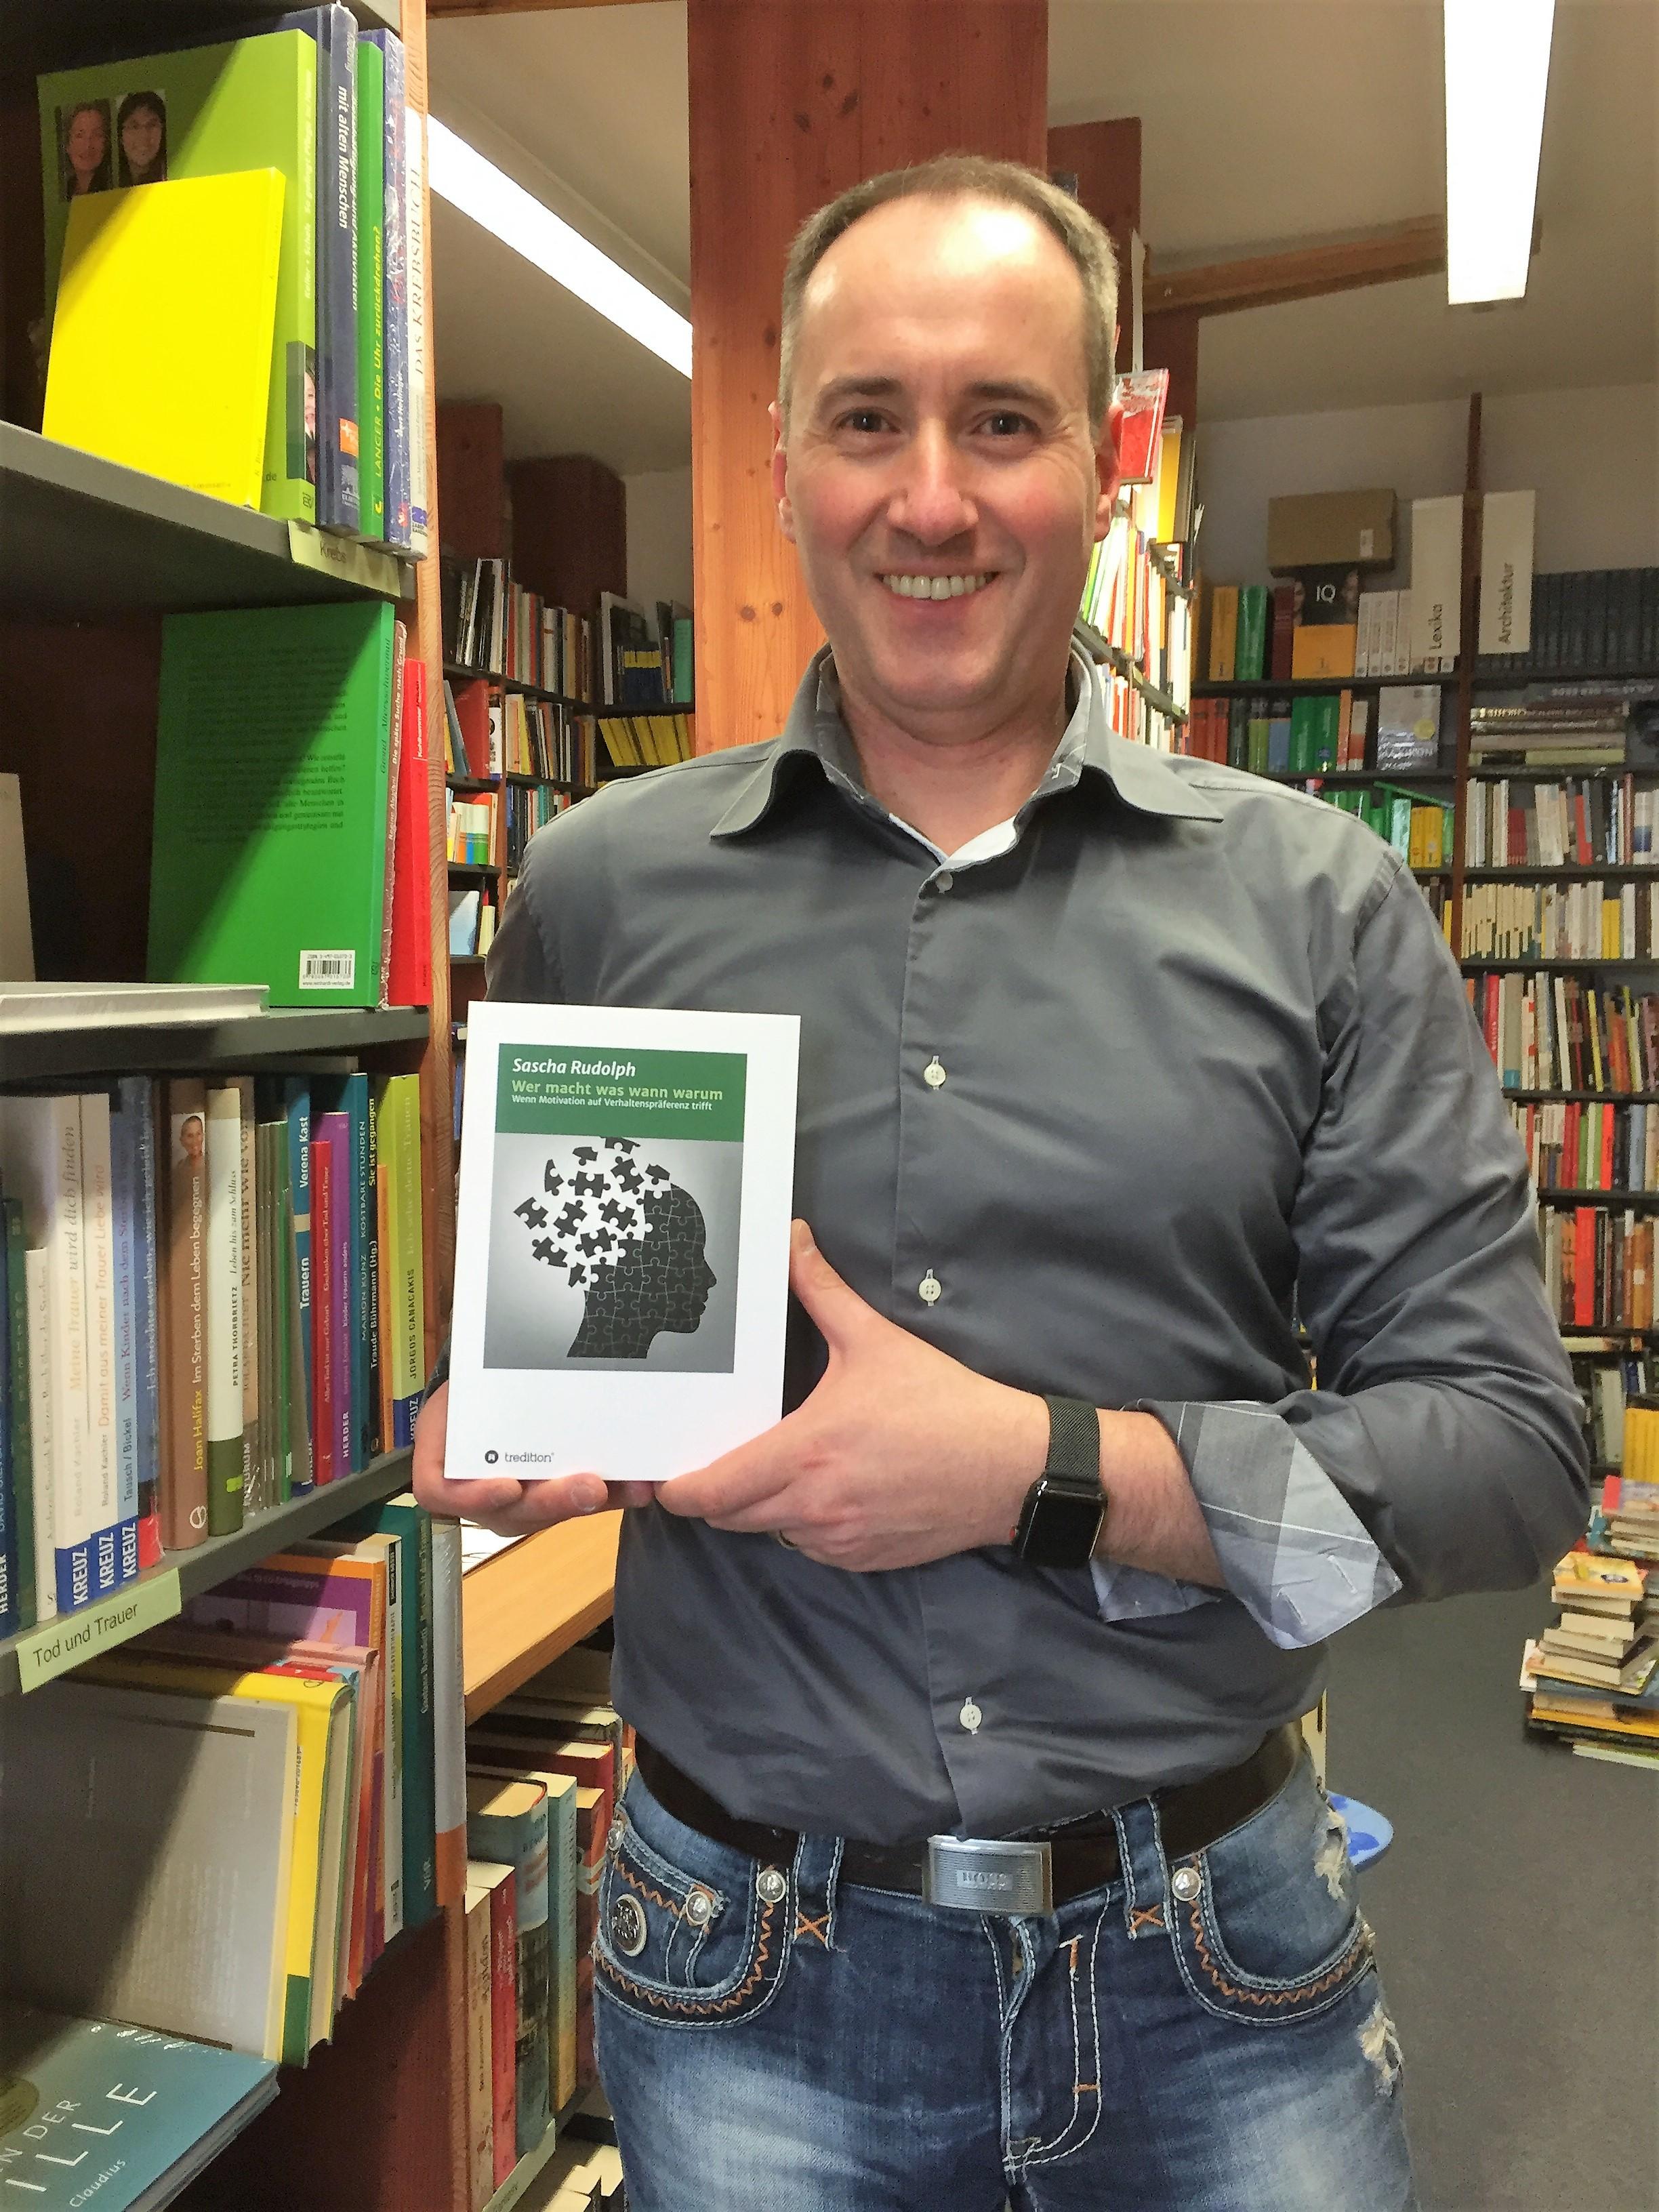 Der Autor Sascha Rudolph bei der Buchpräsentation in der Buchhandlung Burkhart